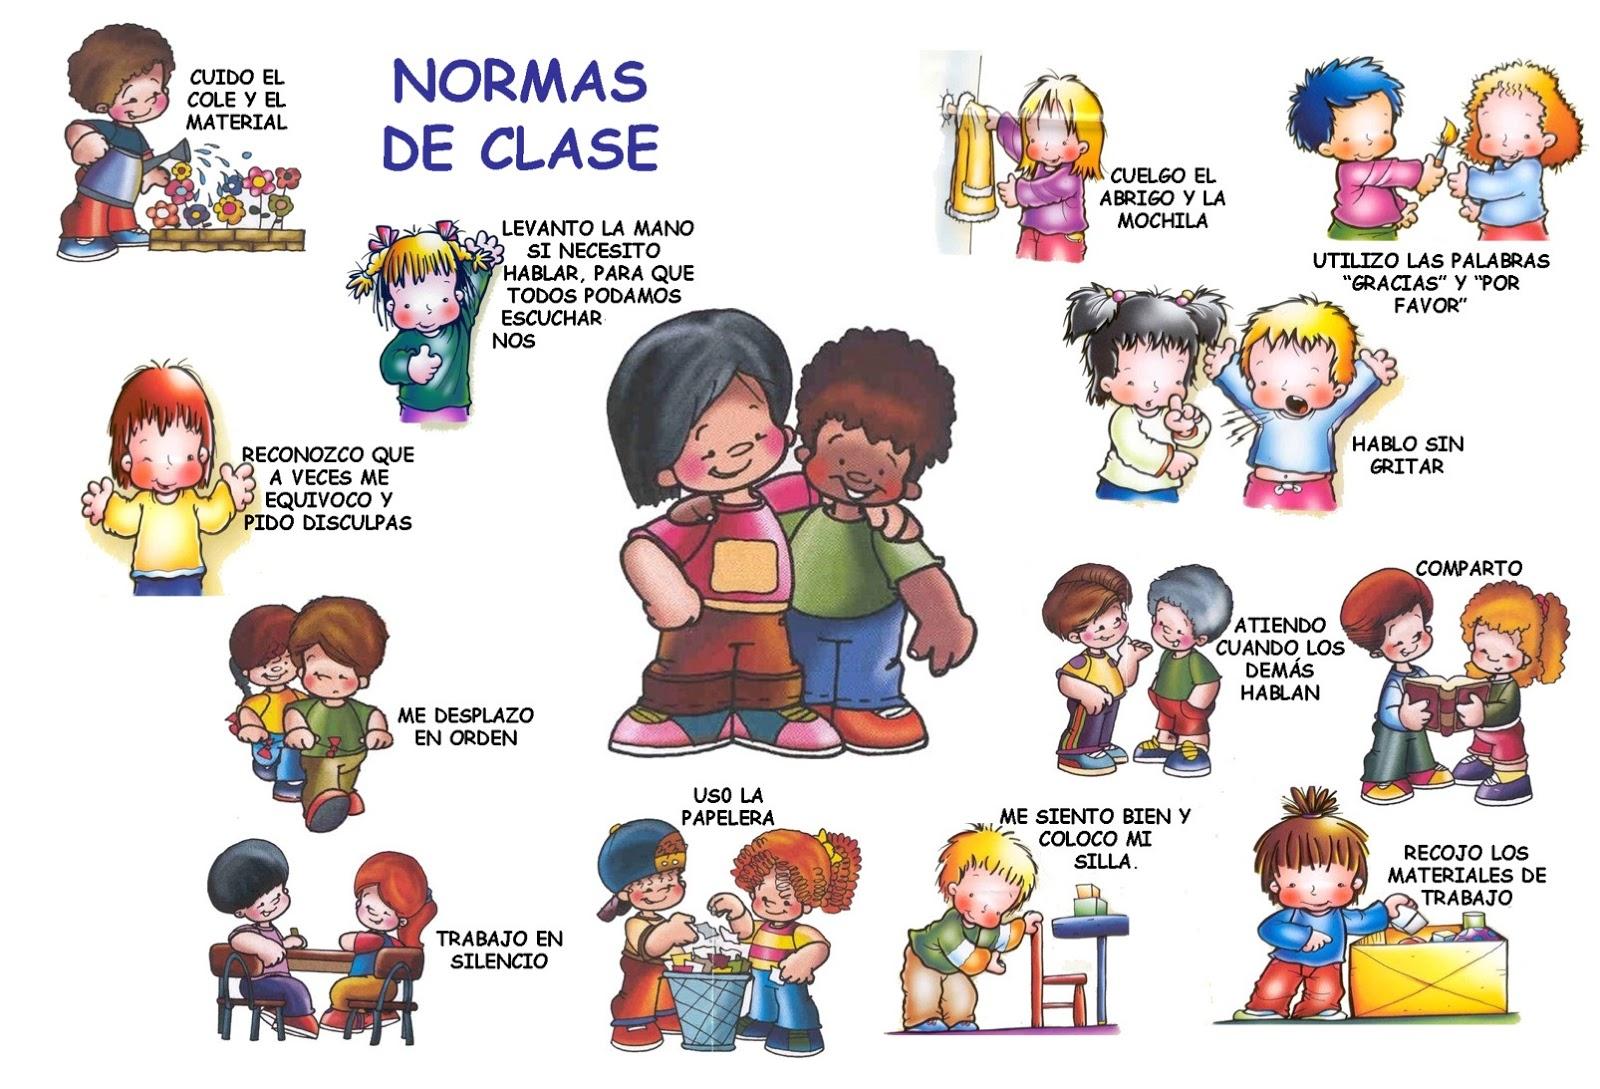 Baños Kinder Medidas:Normas de Convivencia en la clase Texto instructivo – EL QUINTO NIVEL